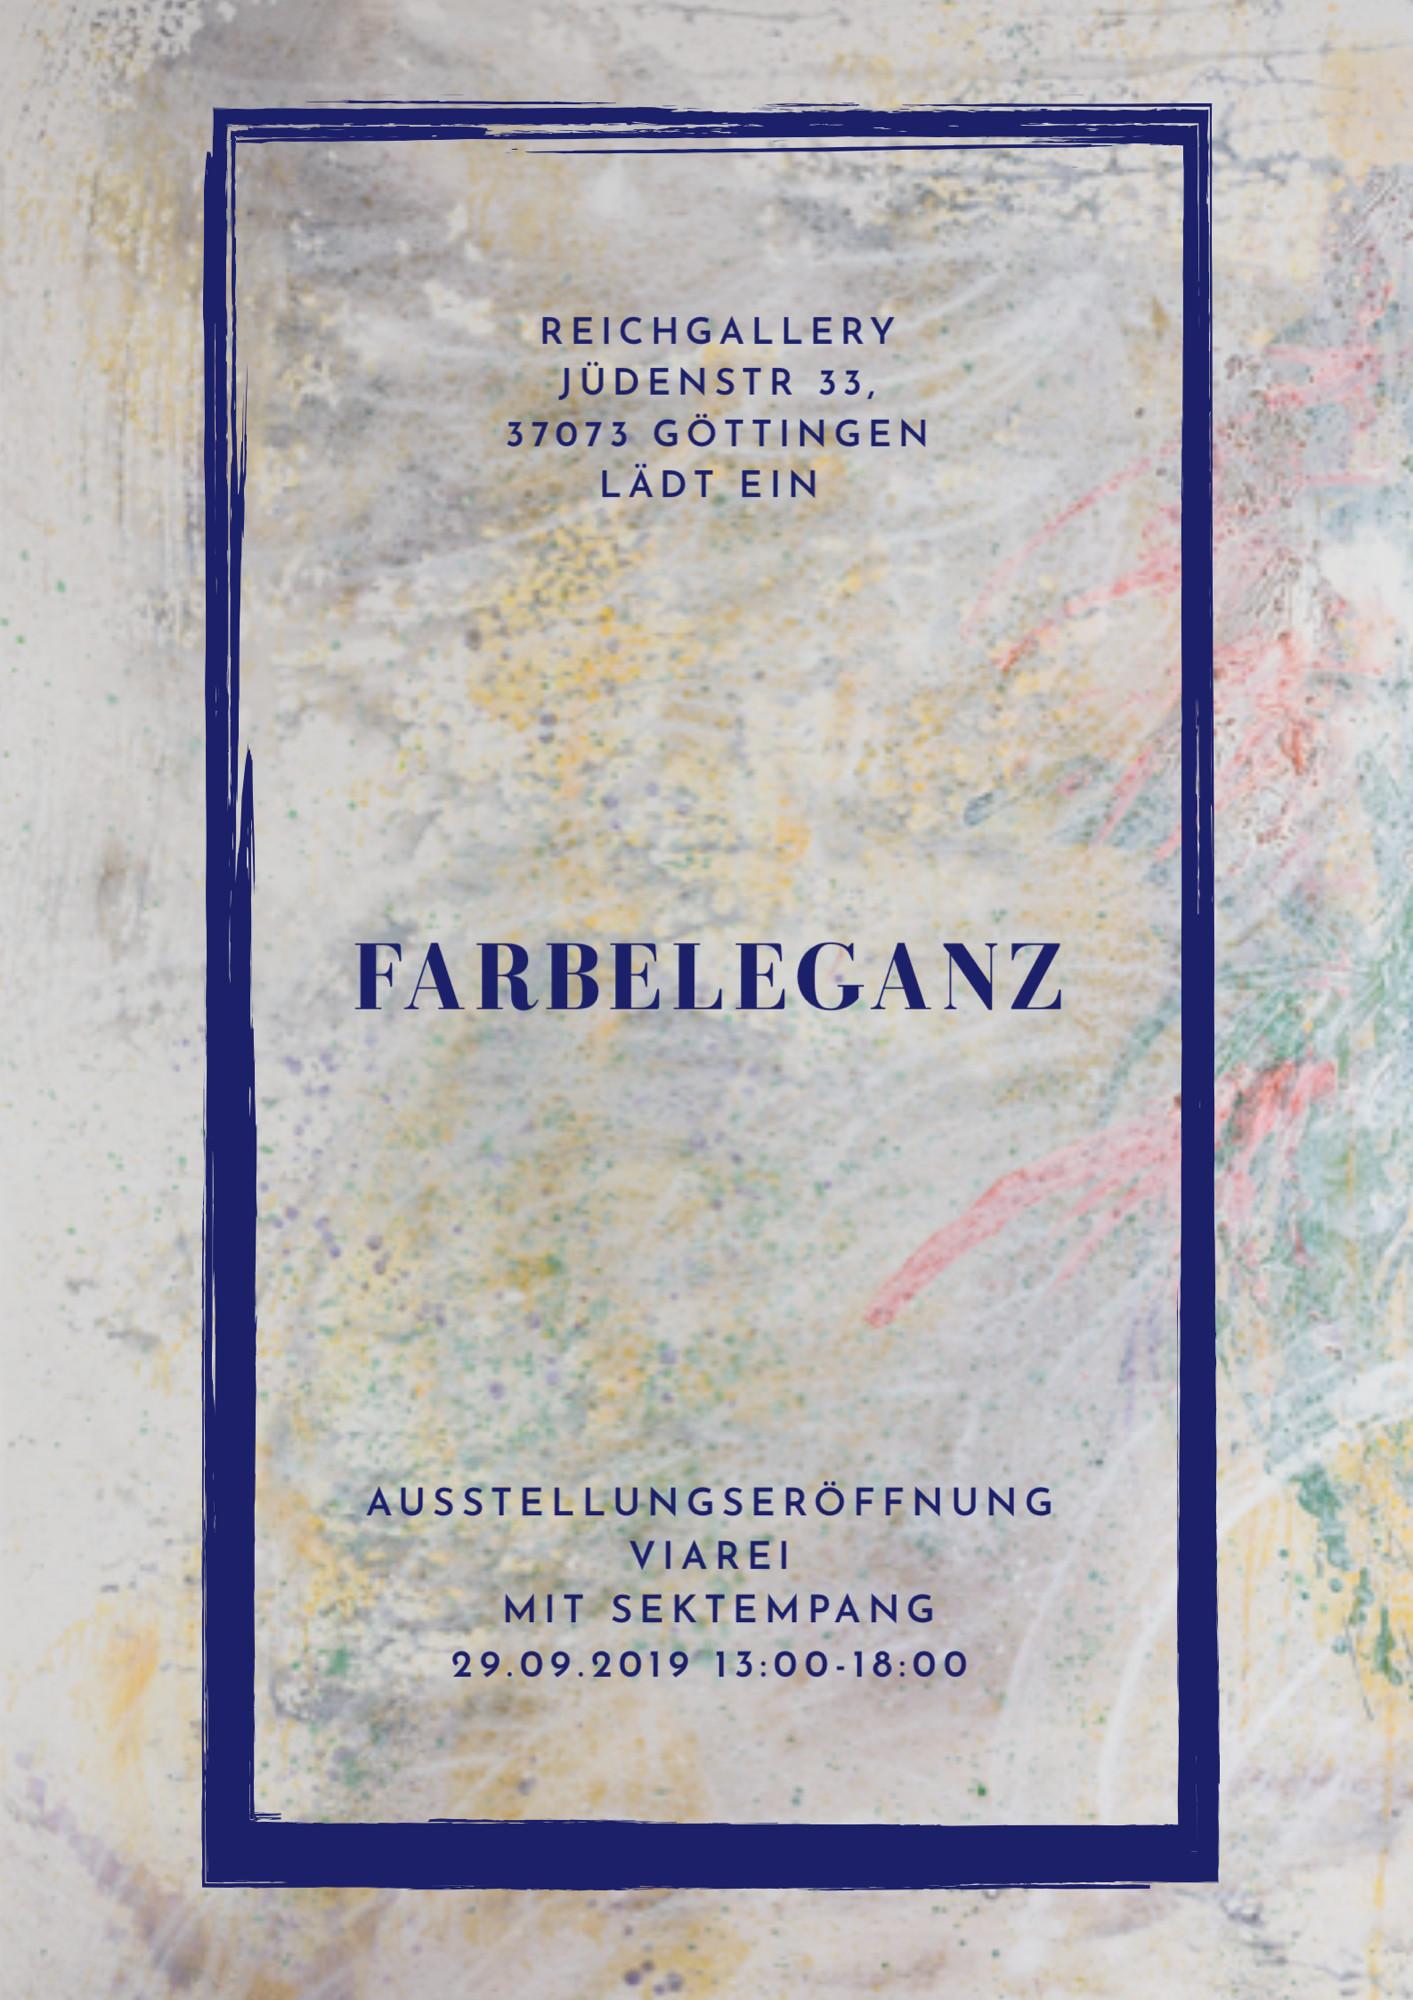 Einladung Reichgallery Jüdenstrasse 33 in Göttingen